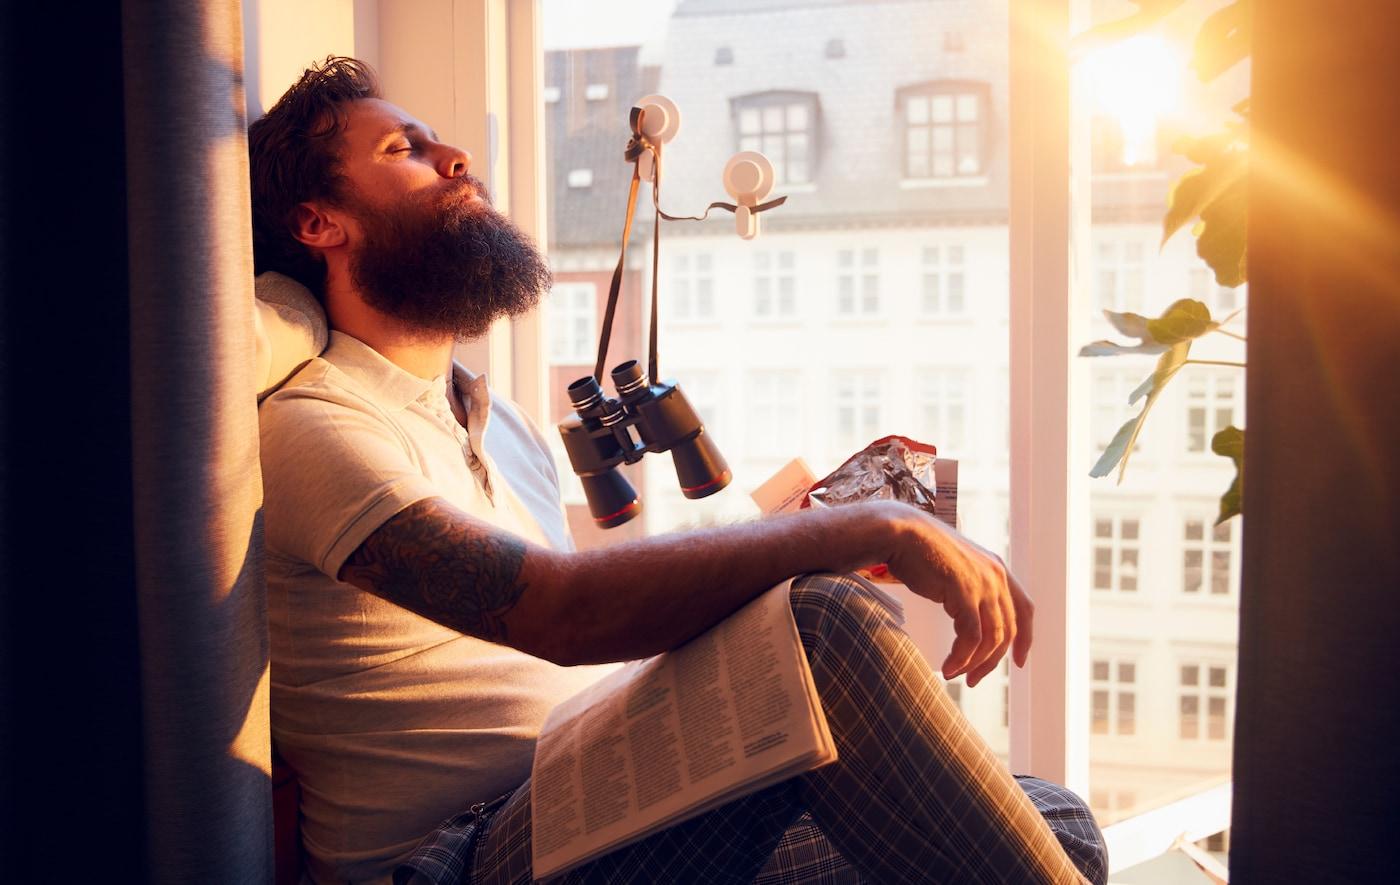 Un uomo seduto su un davanzale illuminato dal sole, con la testa appoggiata alla parete. Sullo sfondo, la facciata di un palazzo a più piani - IKEA